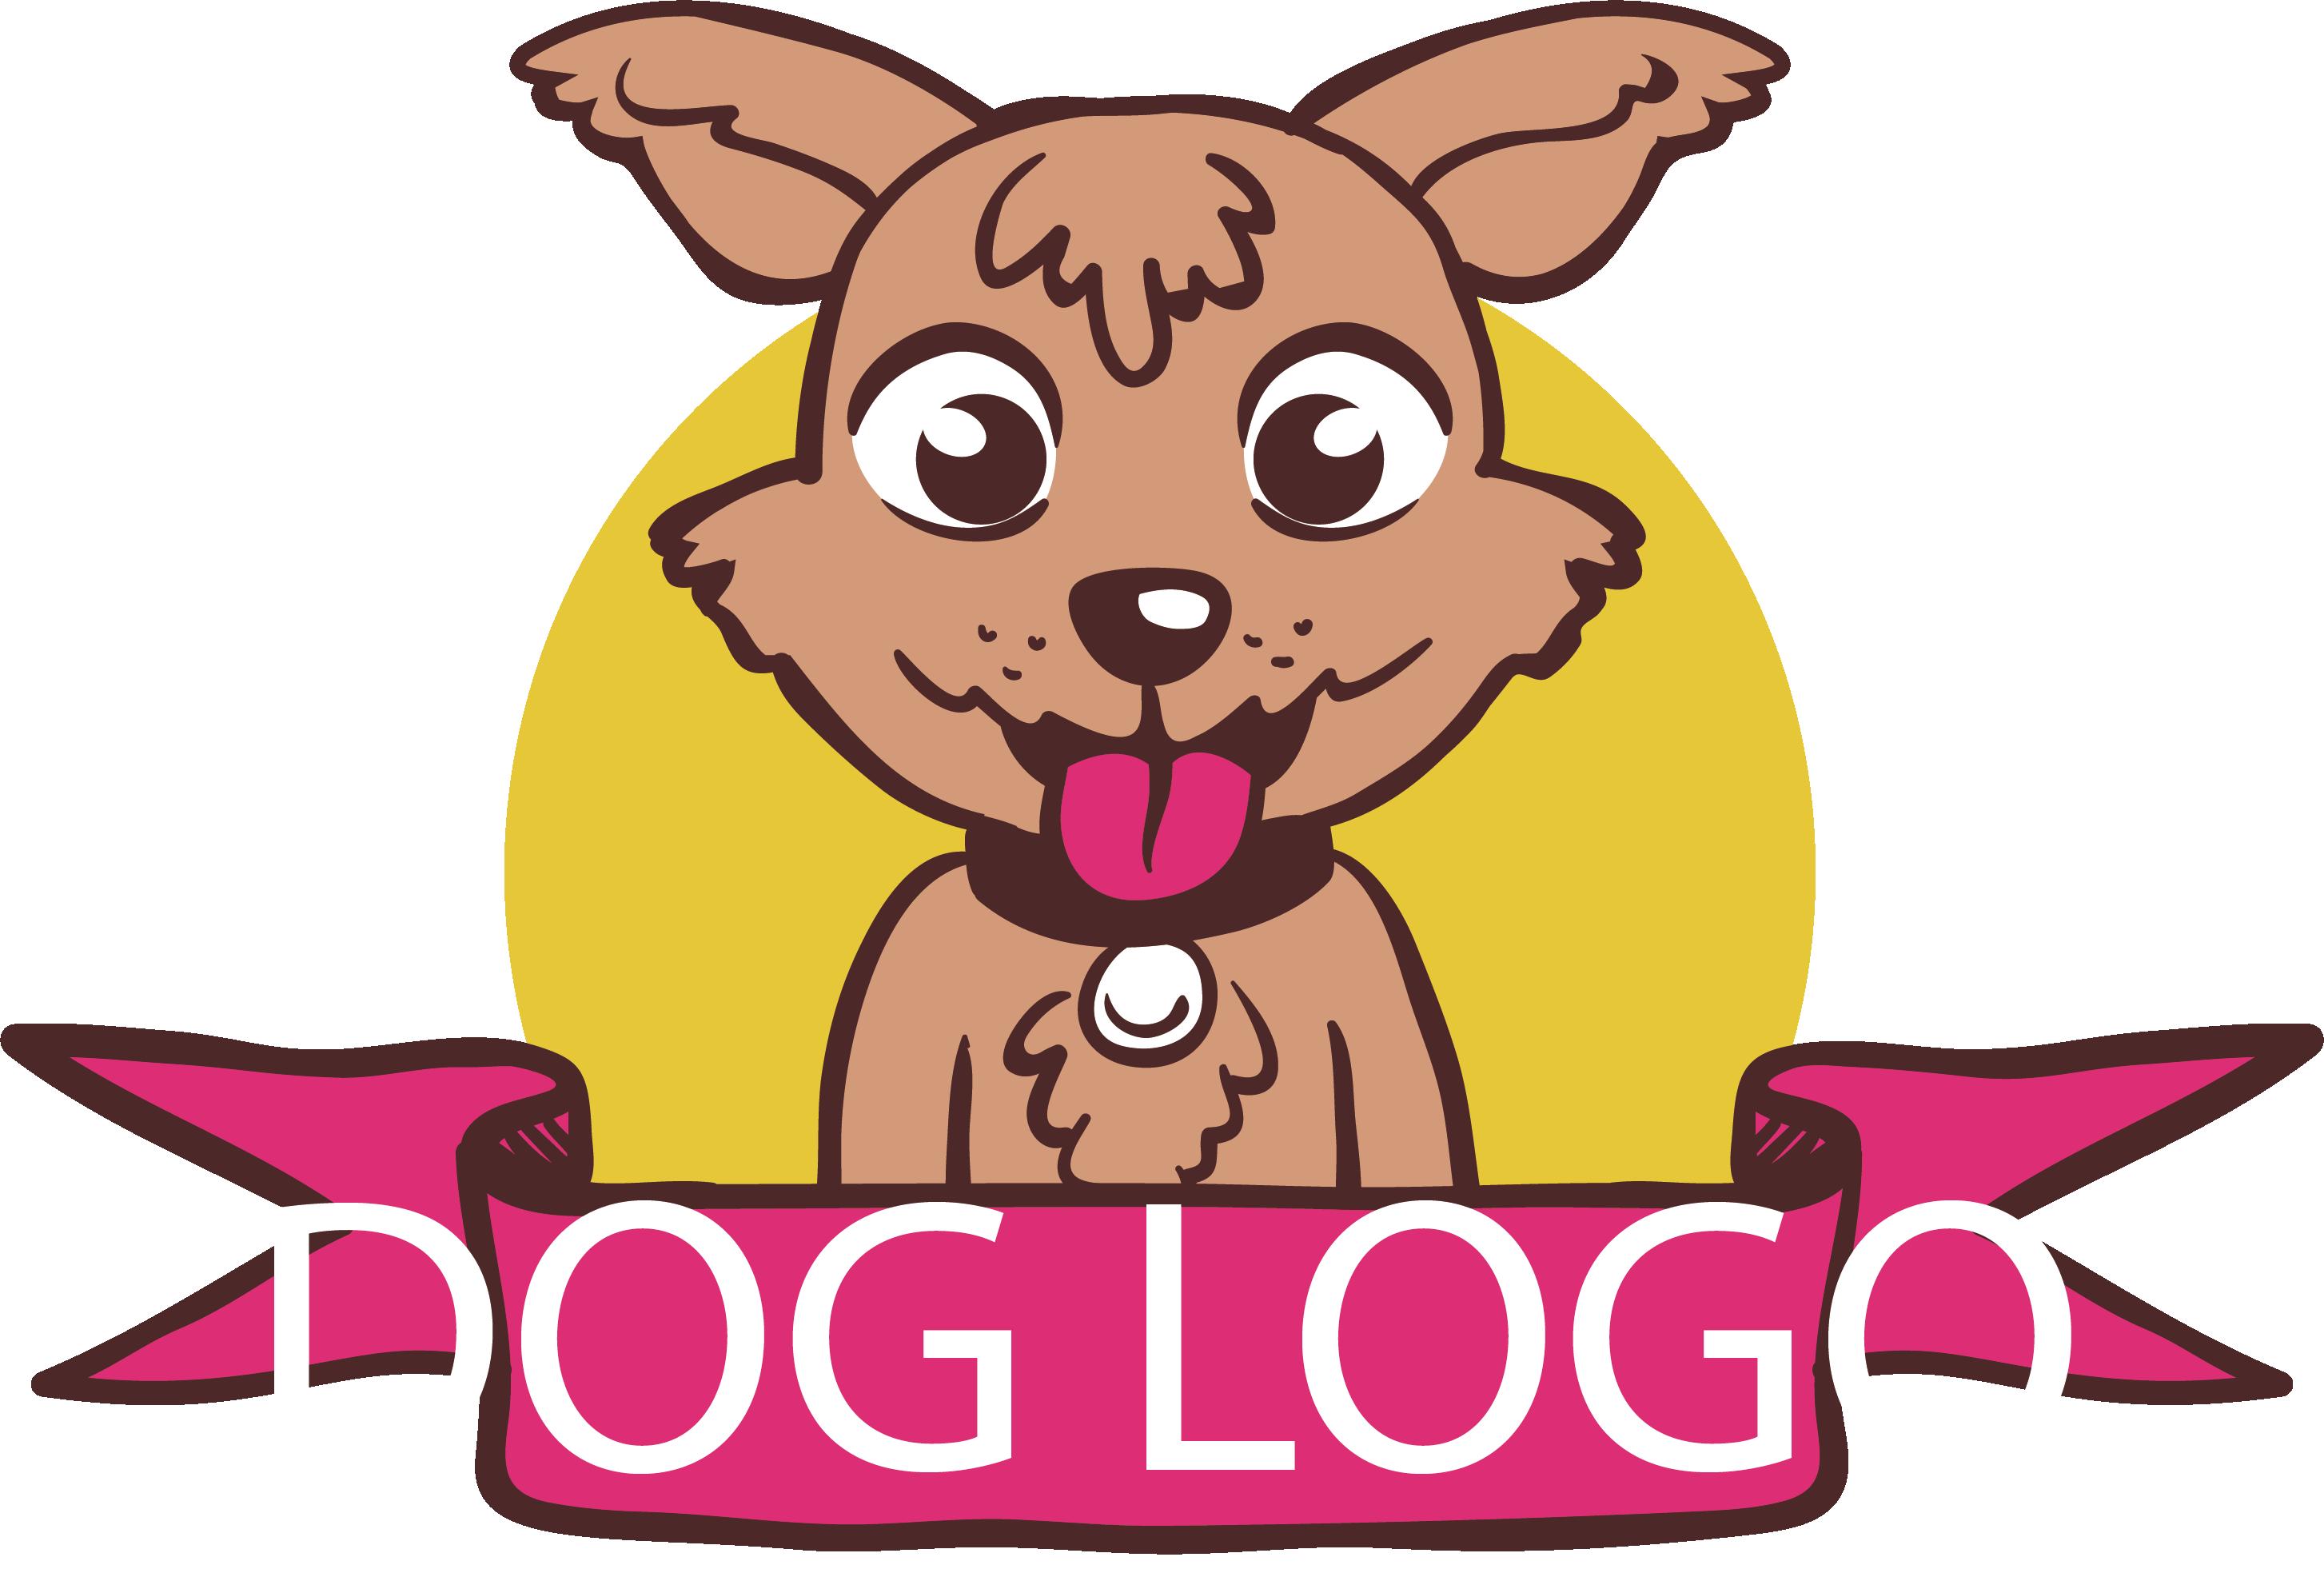 2907x1962 Pomeranian Dog Tibetan Mastiff Kangal Dog English Mastiff Boo